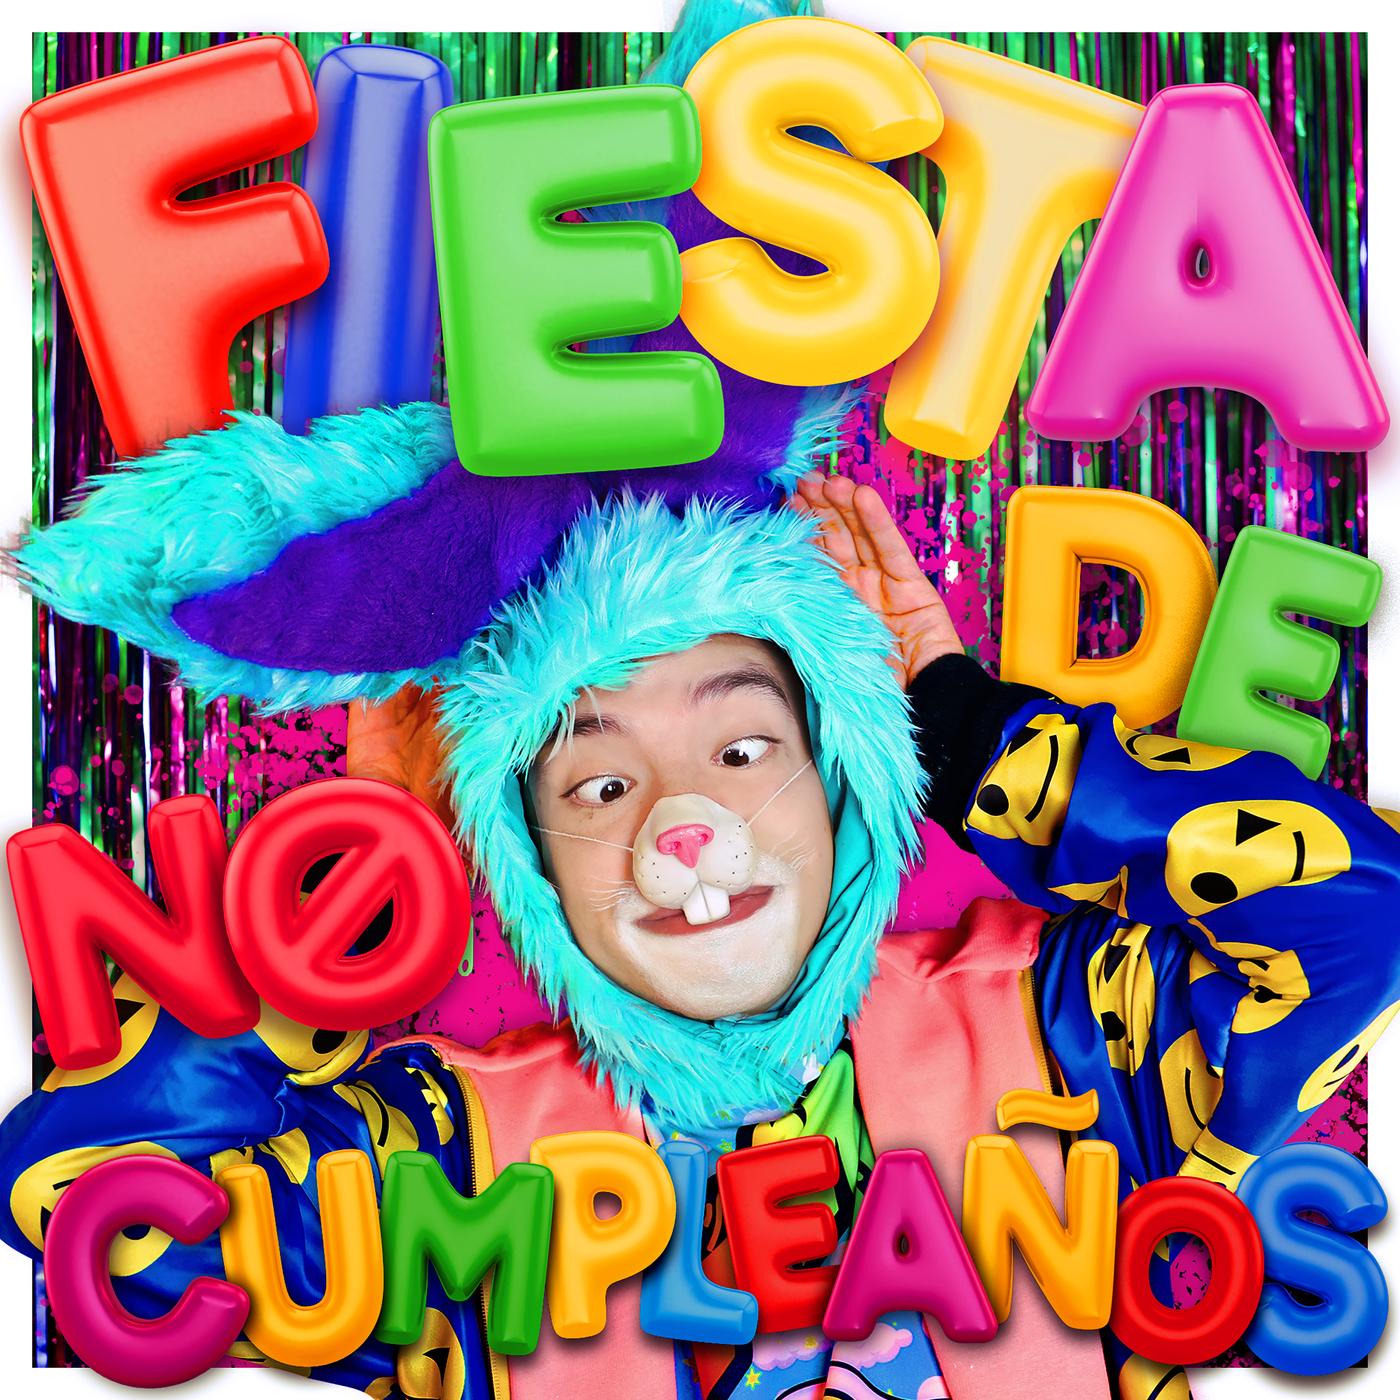 Fiesta de No Cumpleanõs - Ami Rodriguezz